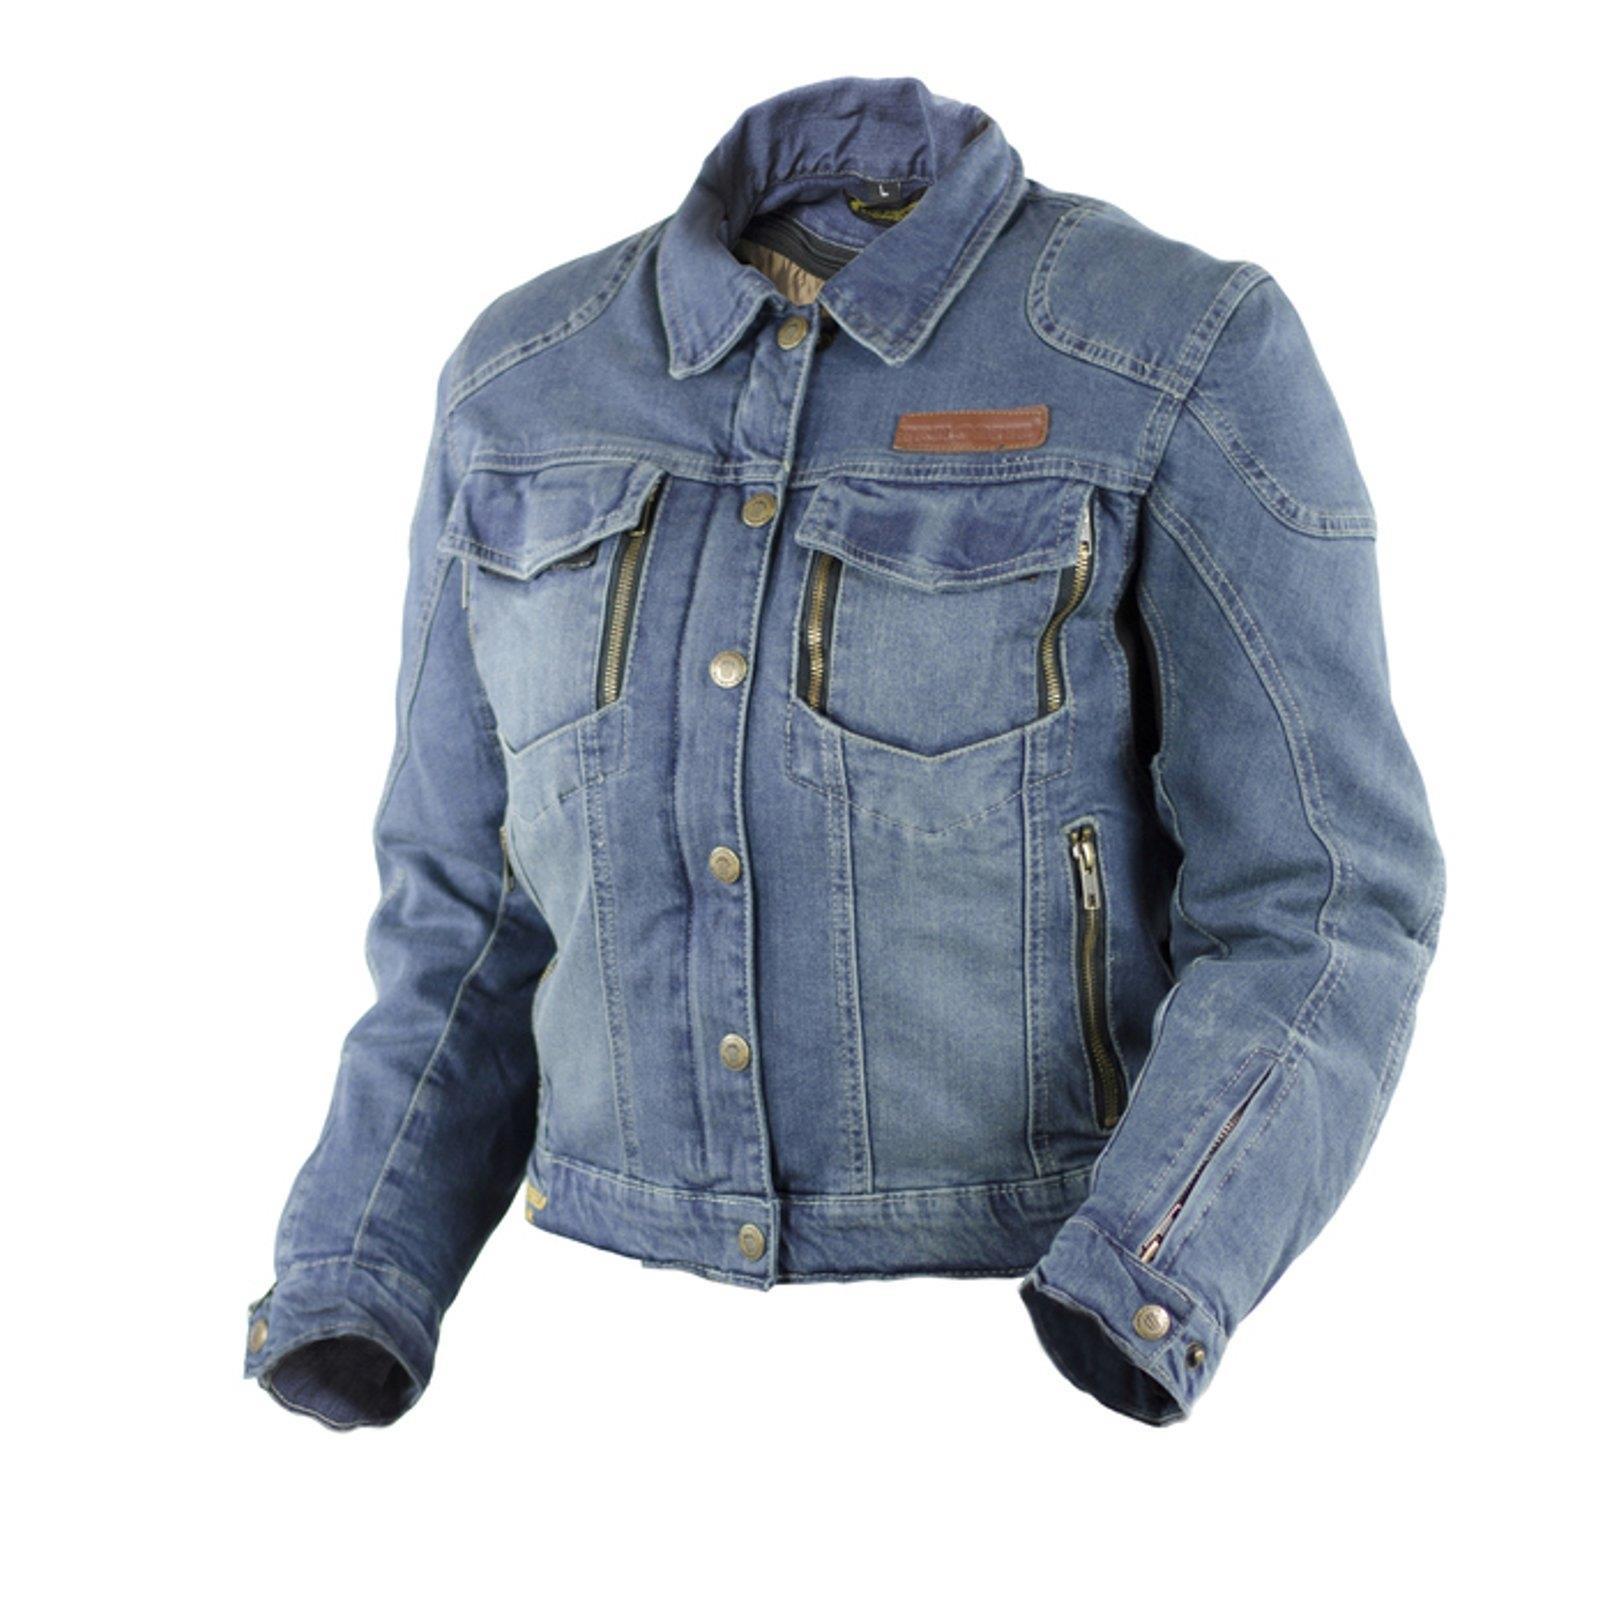 Trilobite-paradoxale-veste-pantalon-protecteur-incl-d-039-aramide-Moto-Jeans-Hommes-Femmes miniature 2